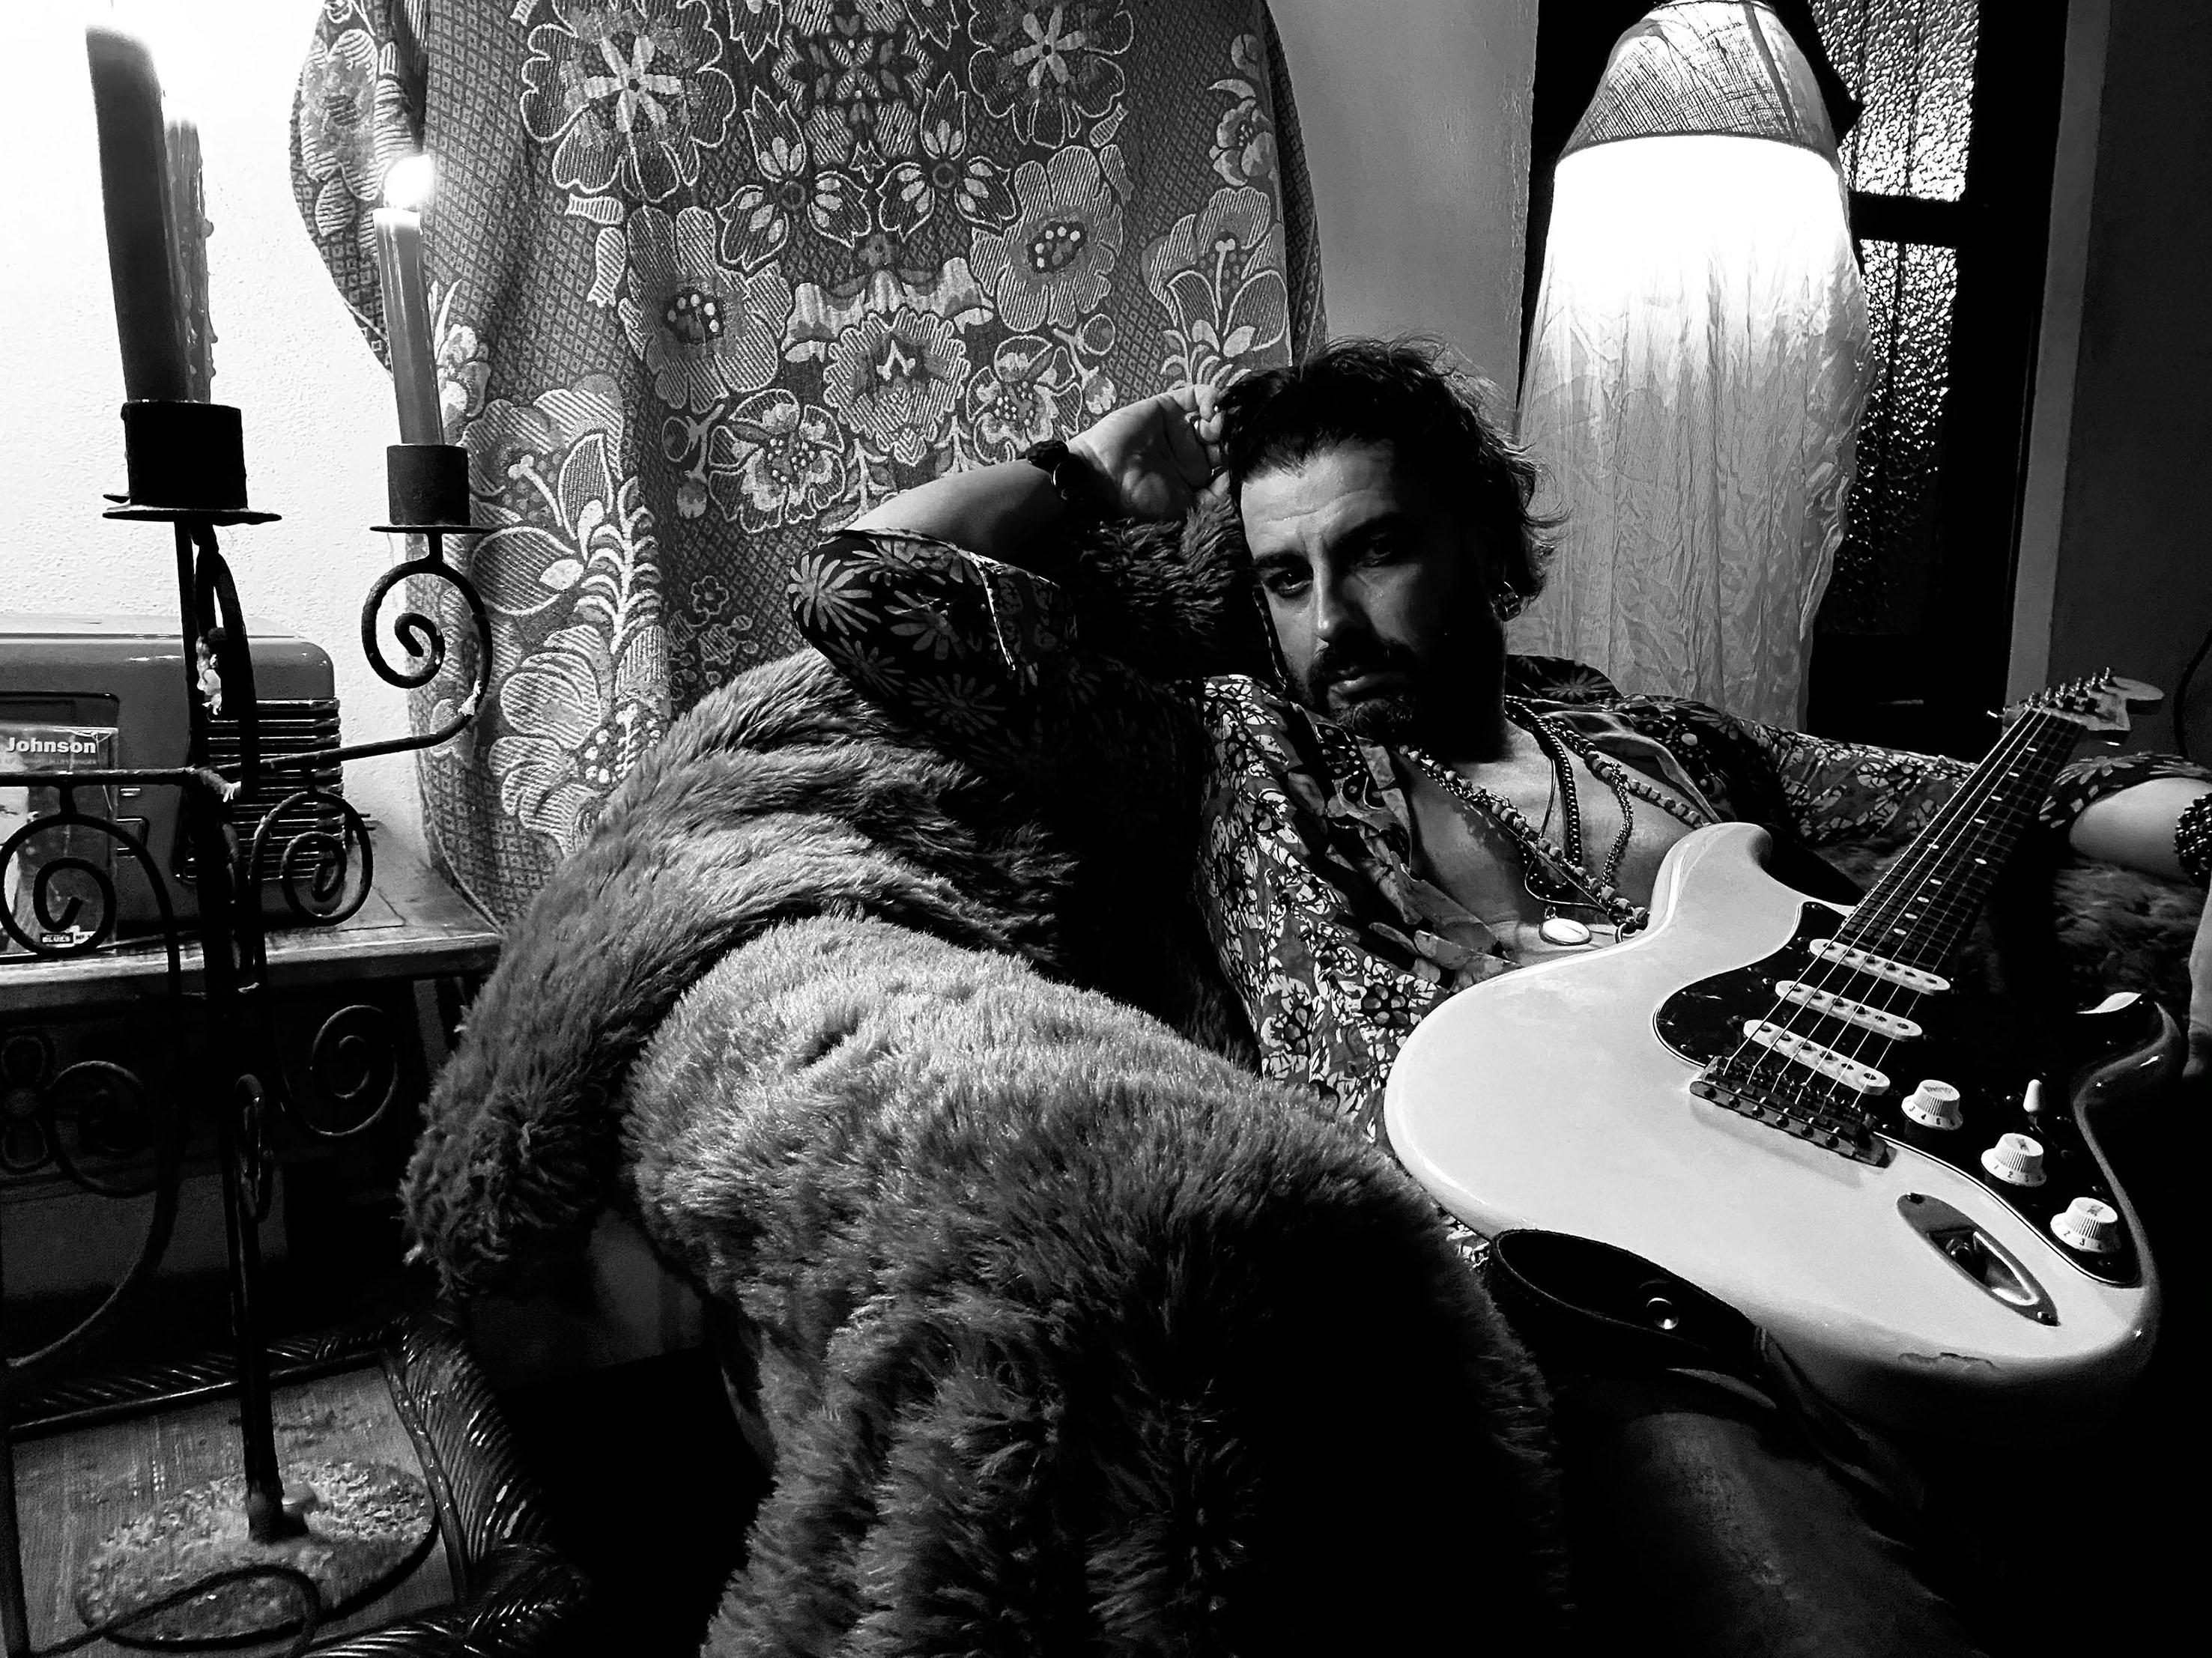 Homem está sentado e segura guitarra